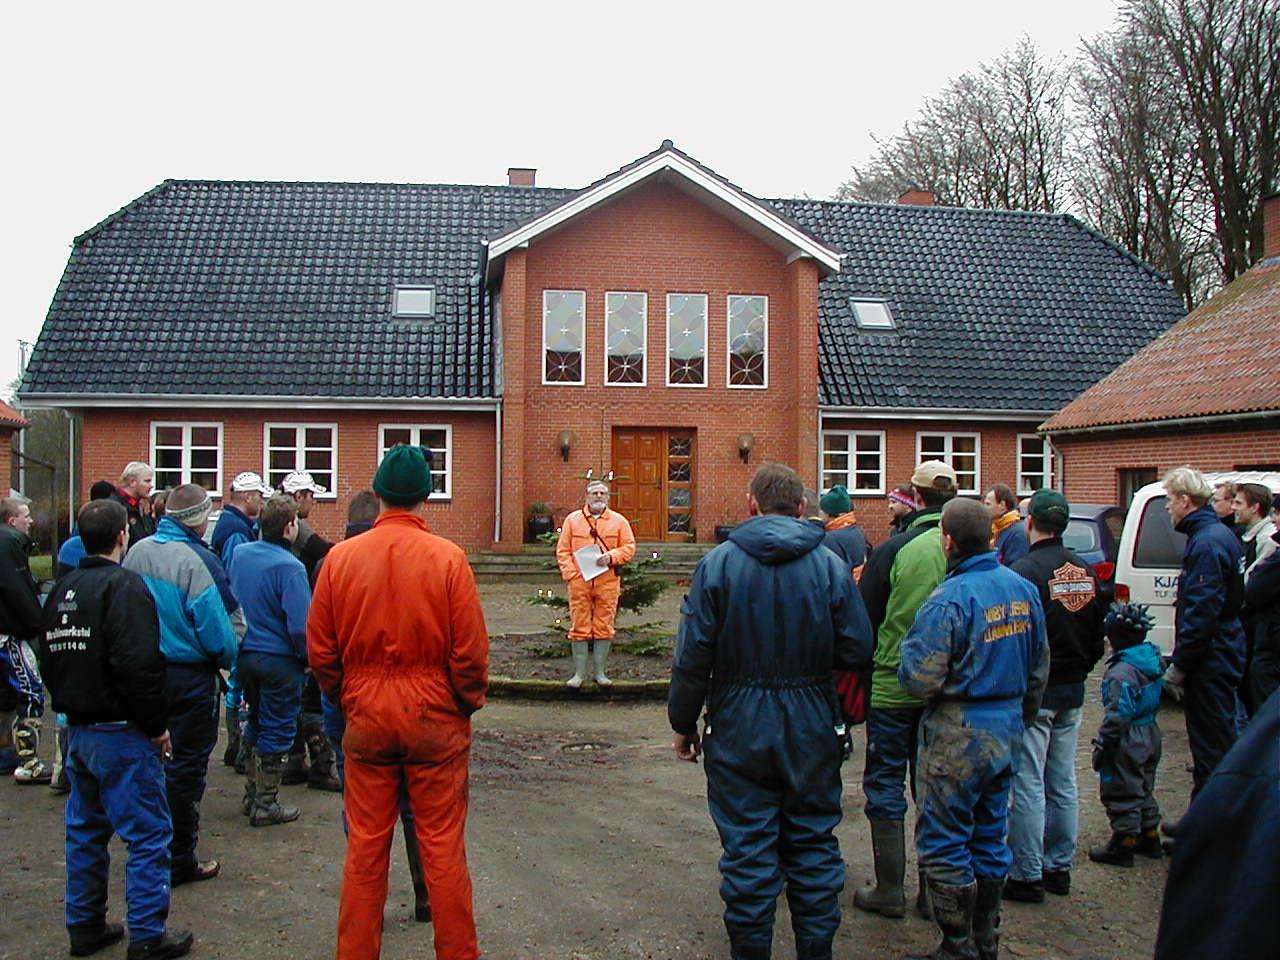 Niels holder instruktion på Carls gårdsplads img1.